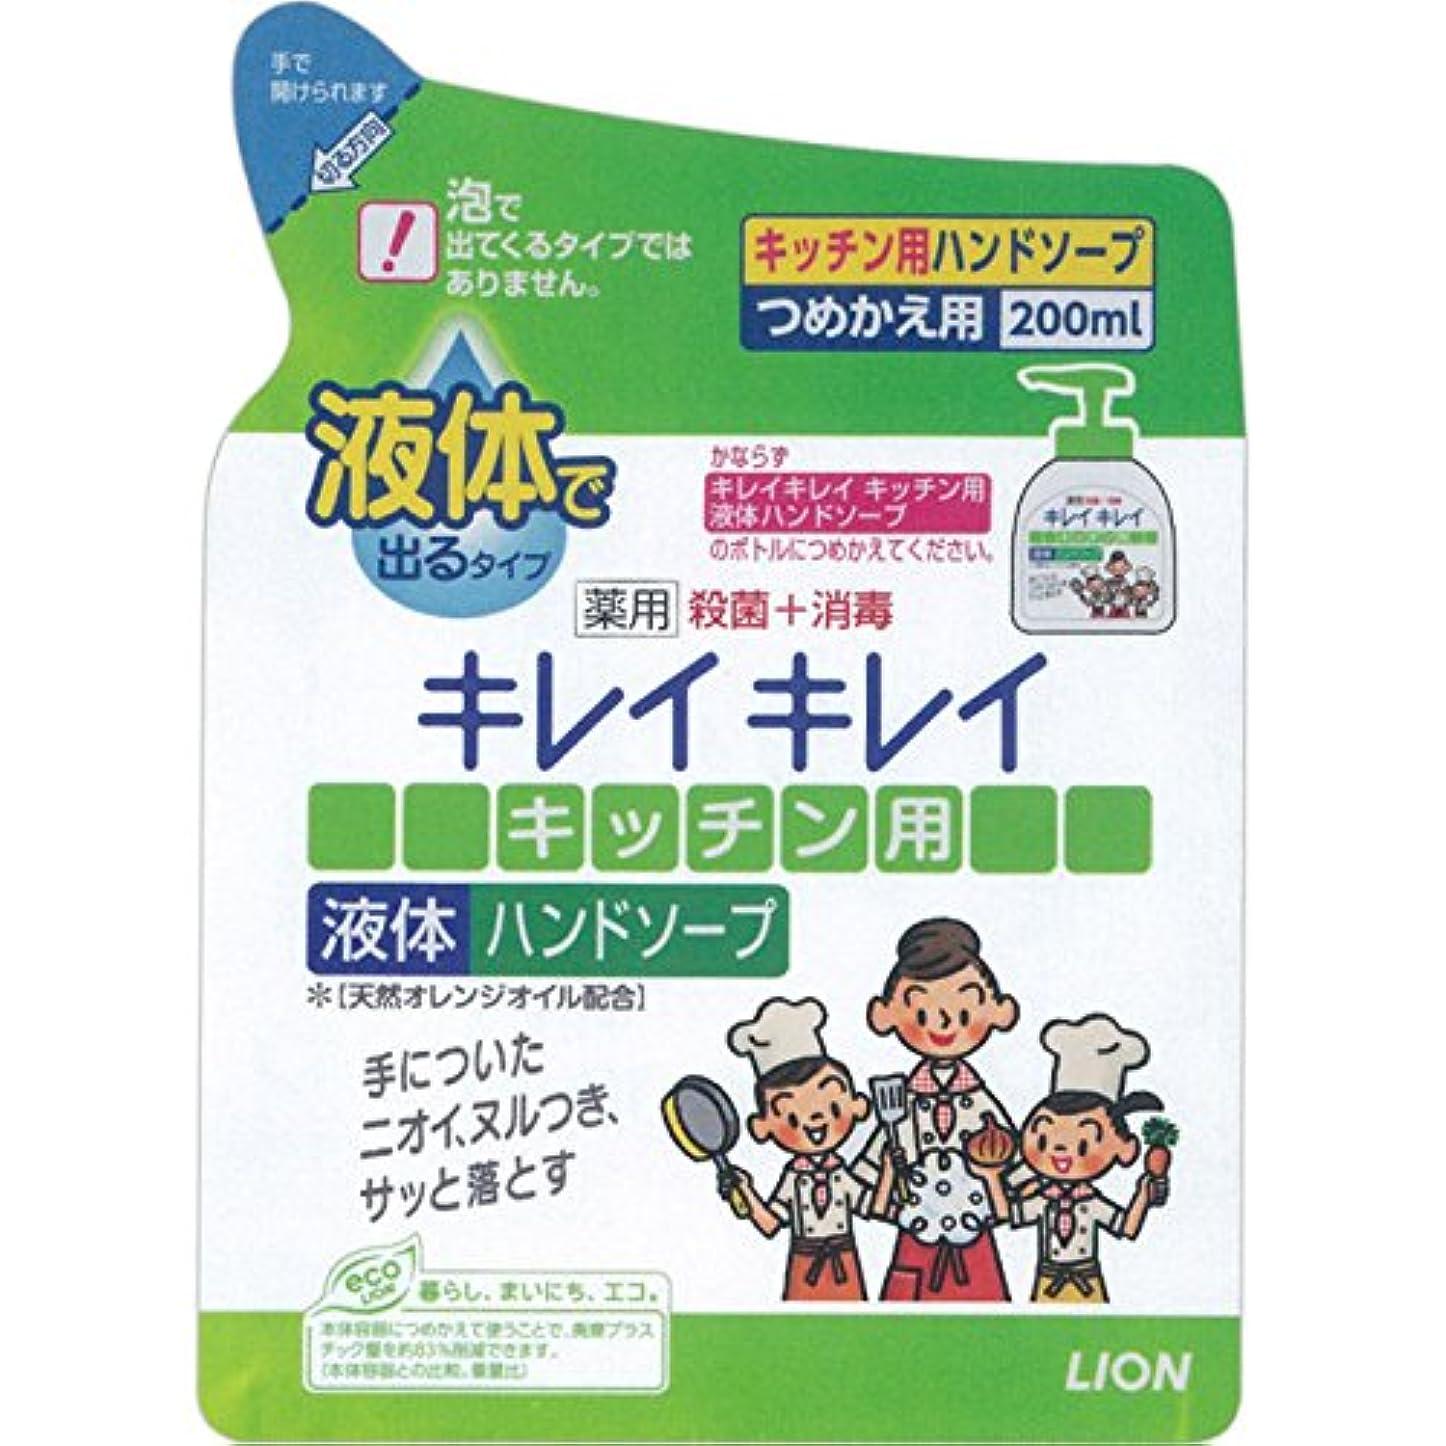 外交斧追跡キレイキレイ 薬用キッチンハンドソープ 詰替用200ml